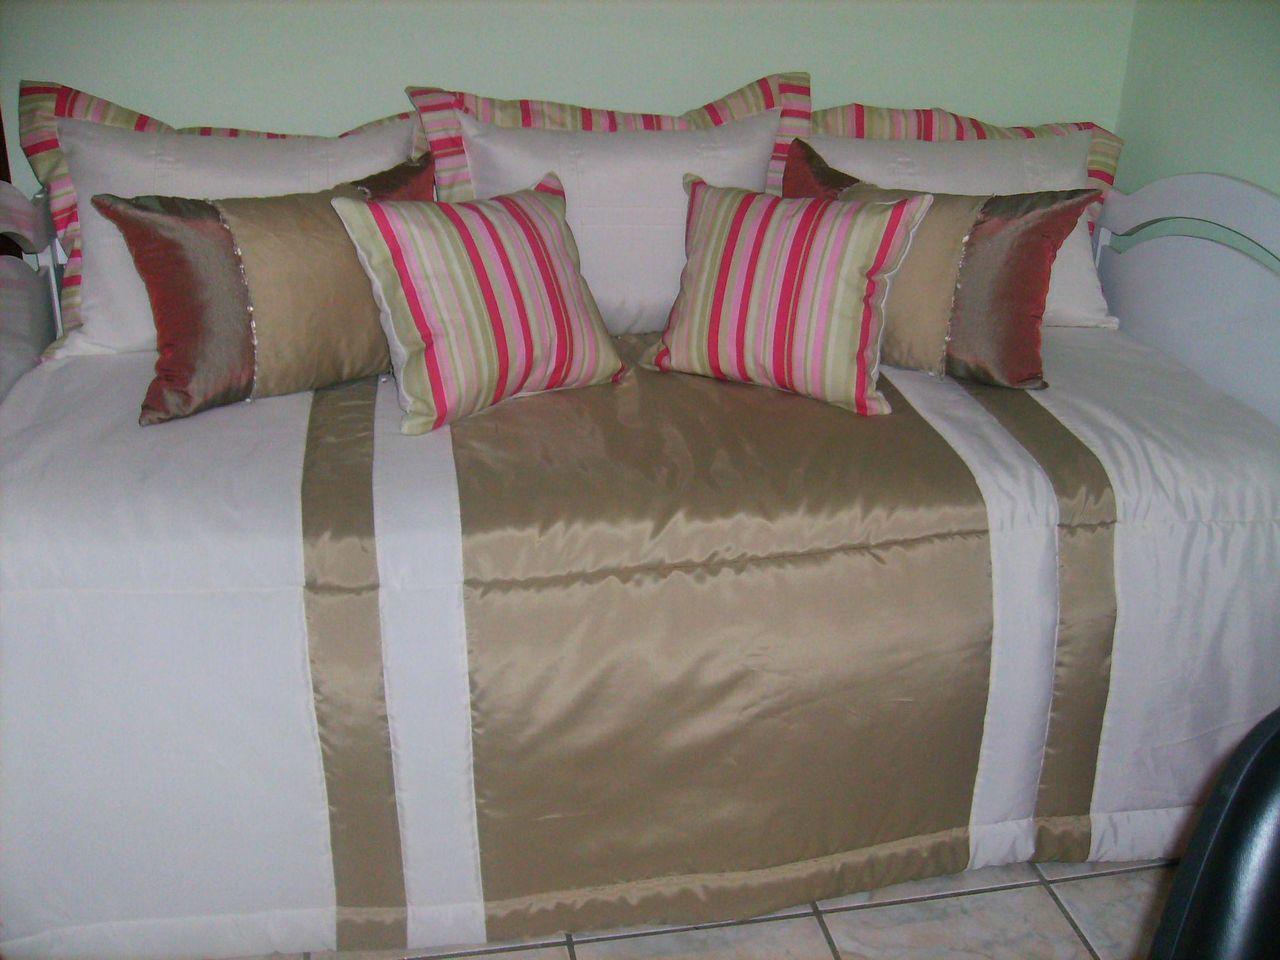 Resultado de imagem para decoração almofadas na cama